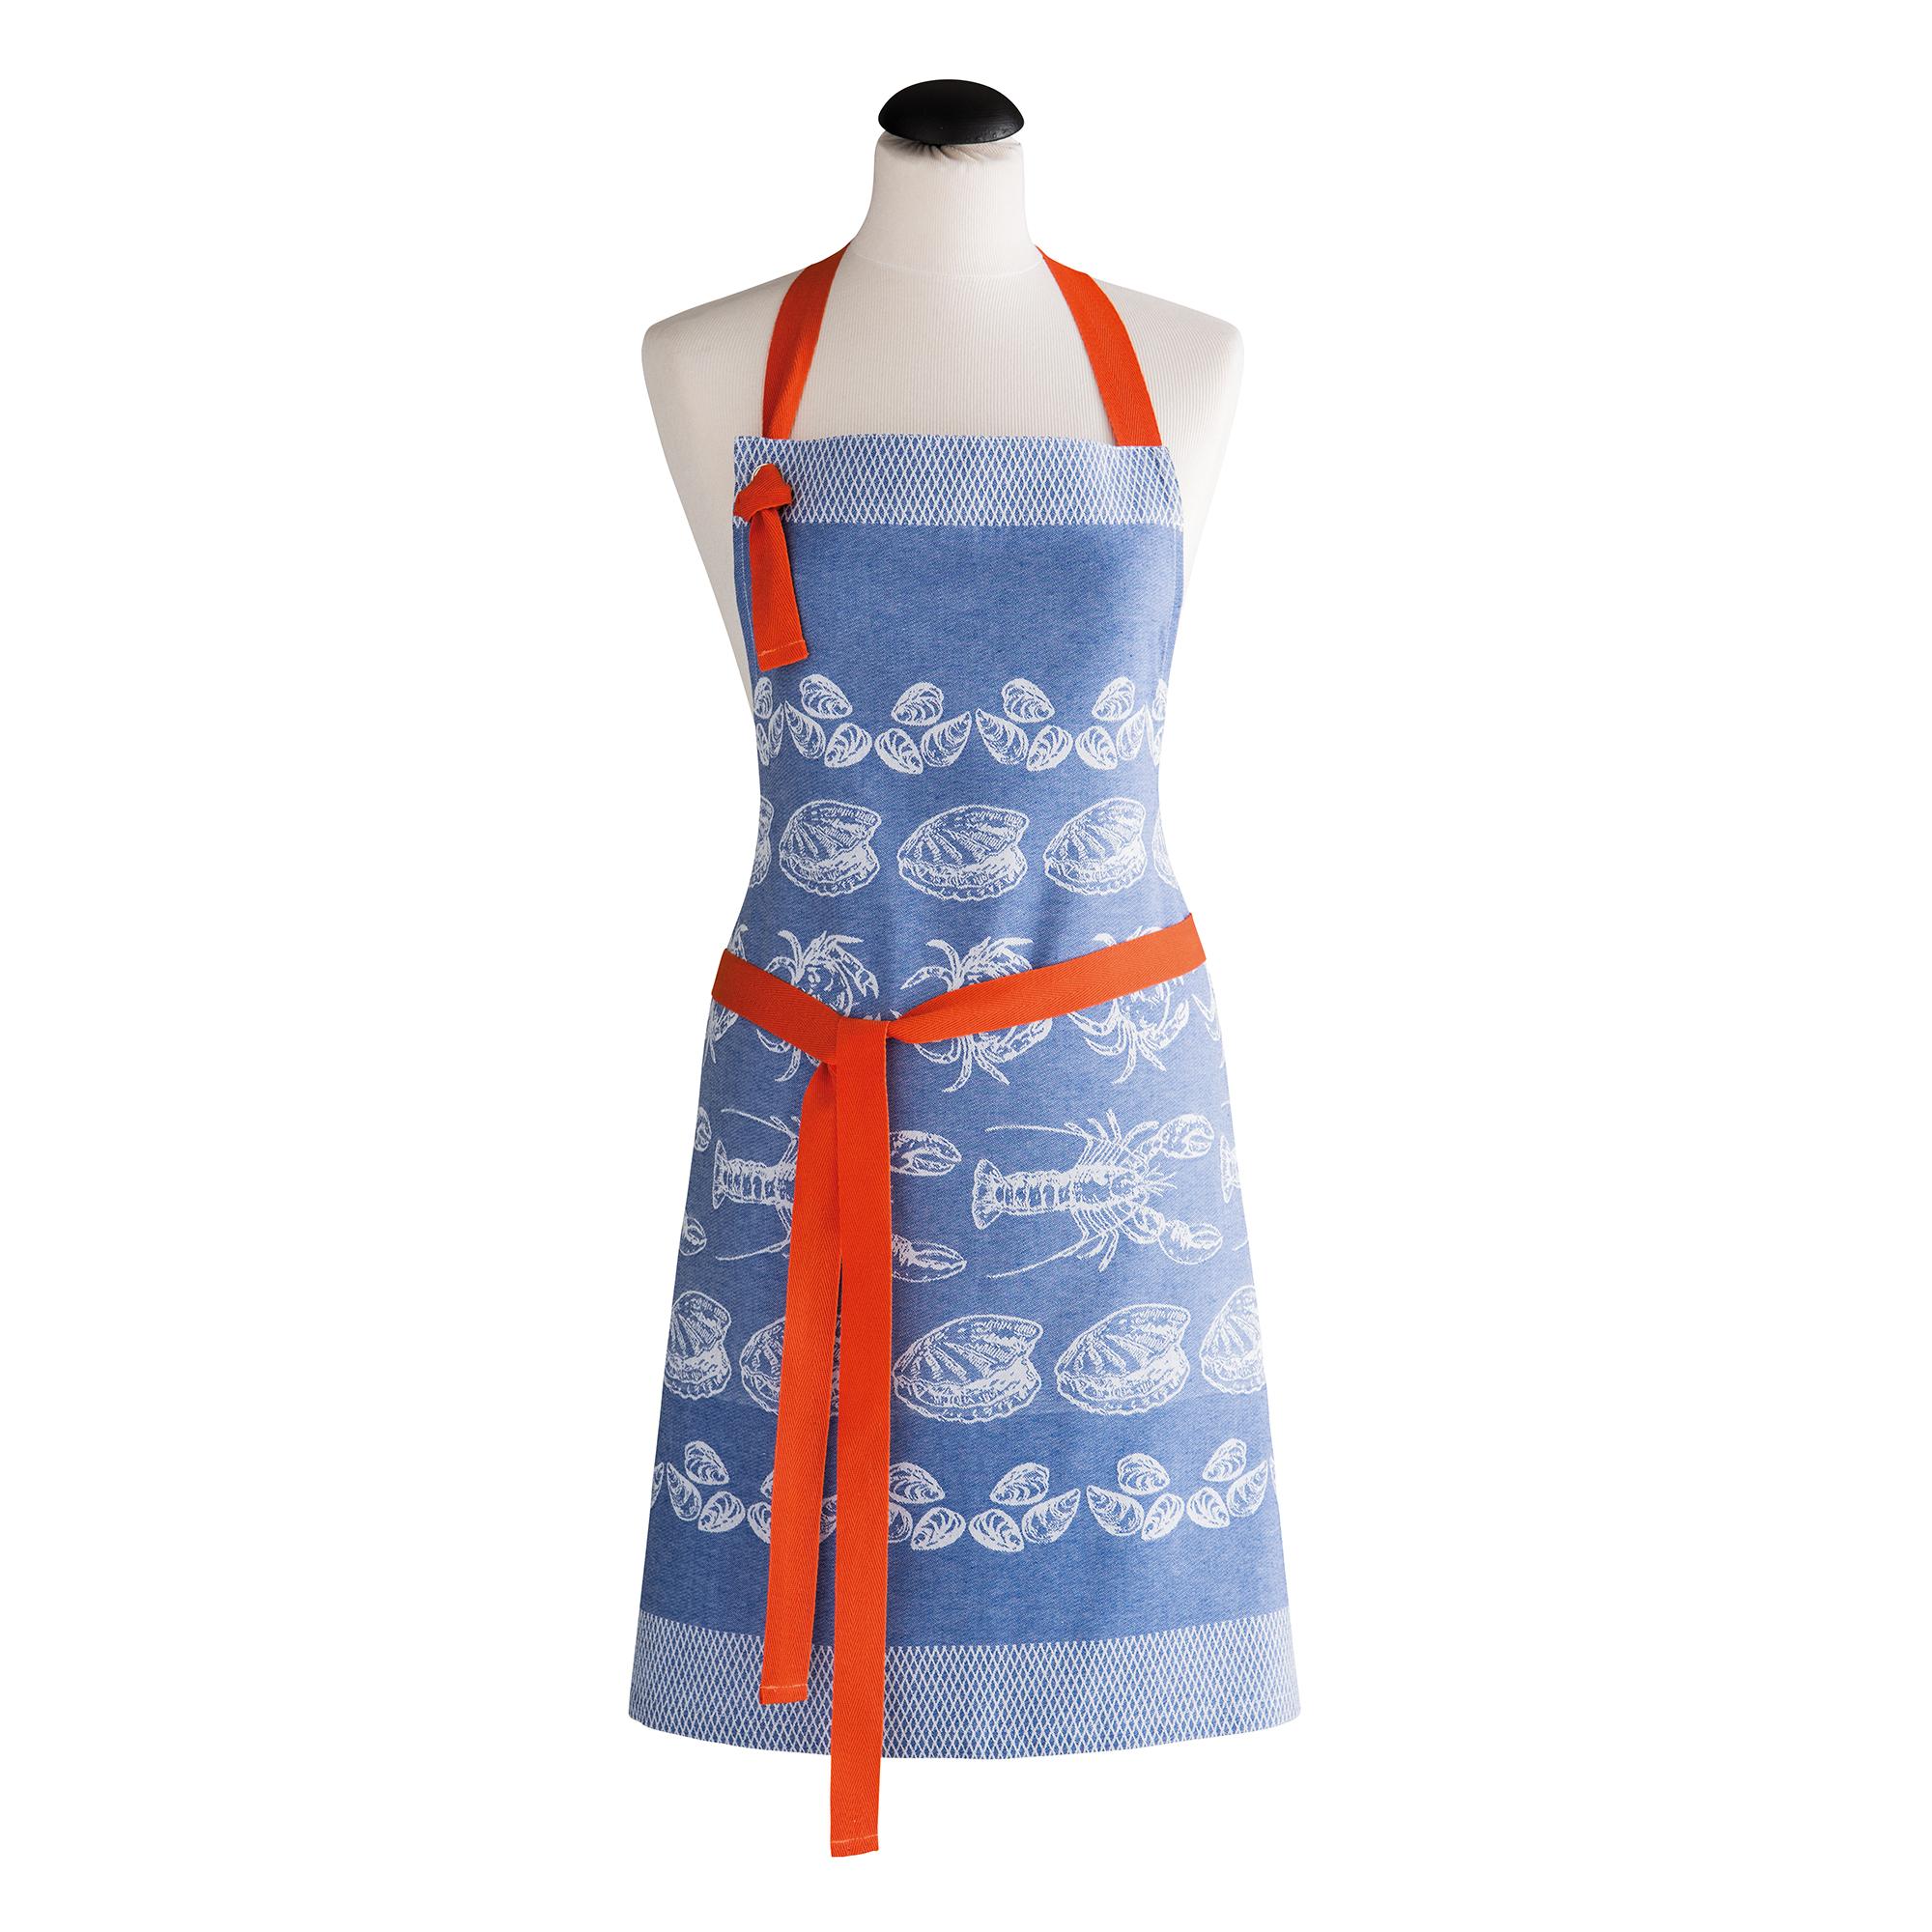 A LA PECHE - Tablier jacquard pur coton bleu en coton 70 x 82